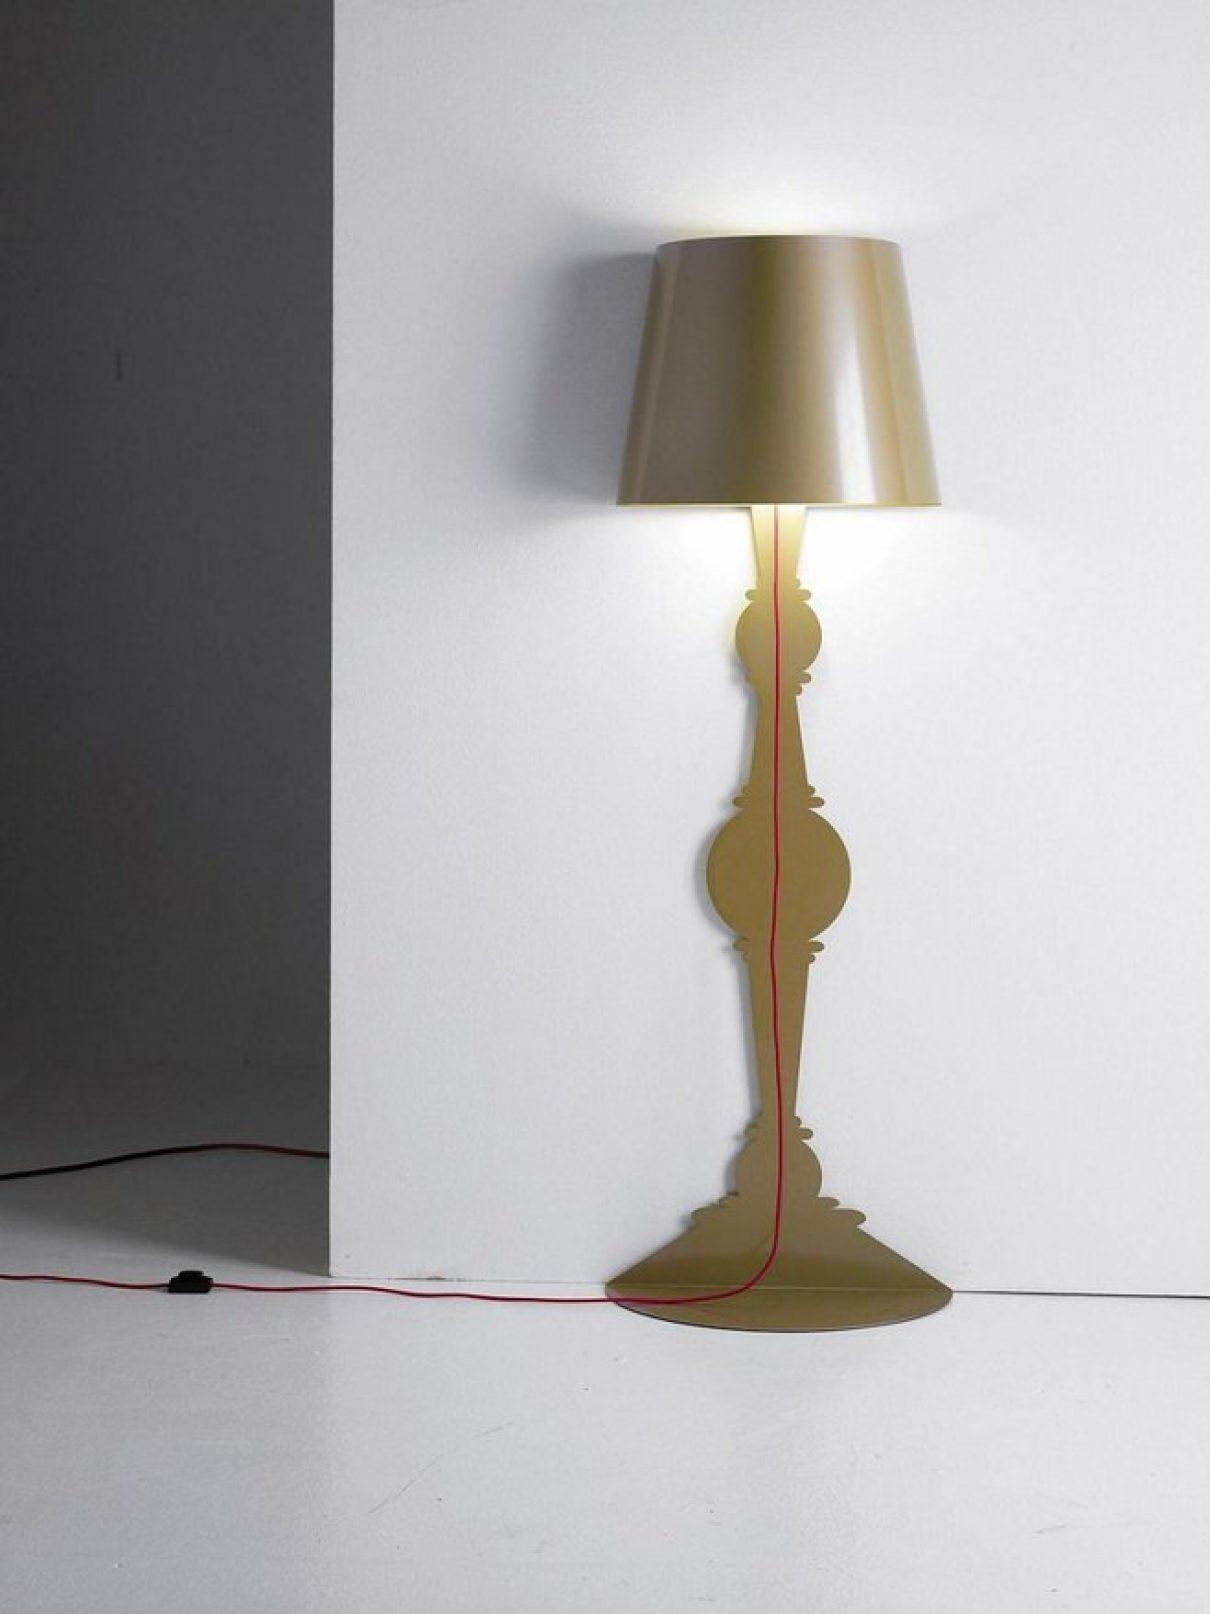 Vloerlamp Demi, mag het licht aan?